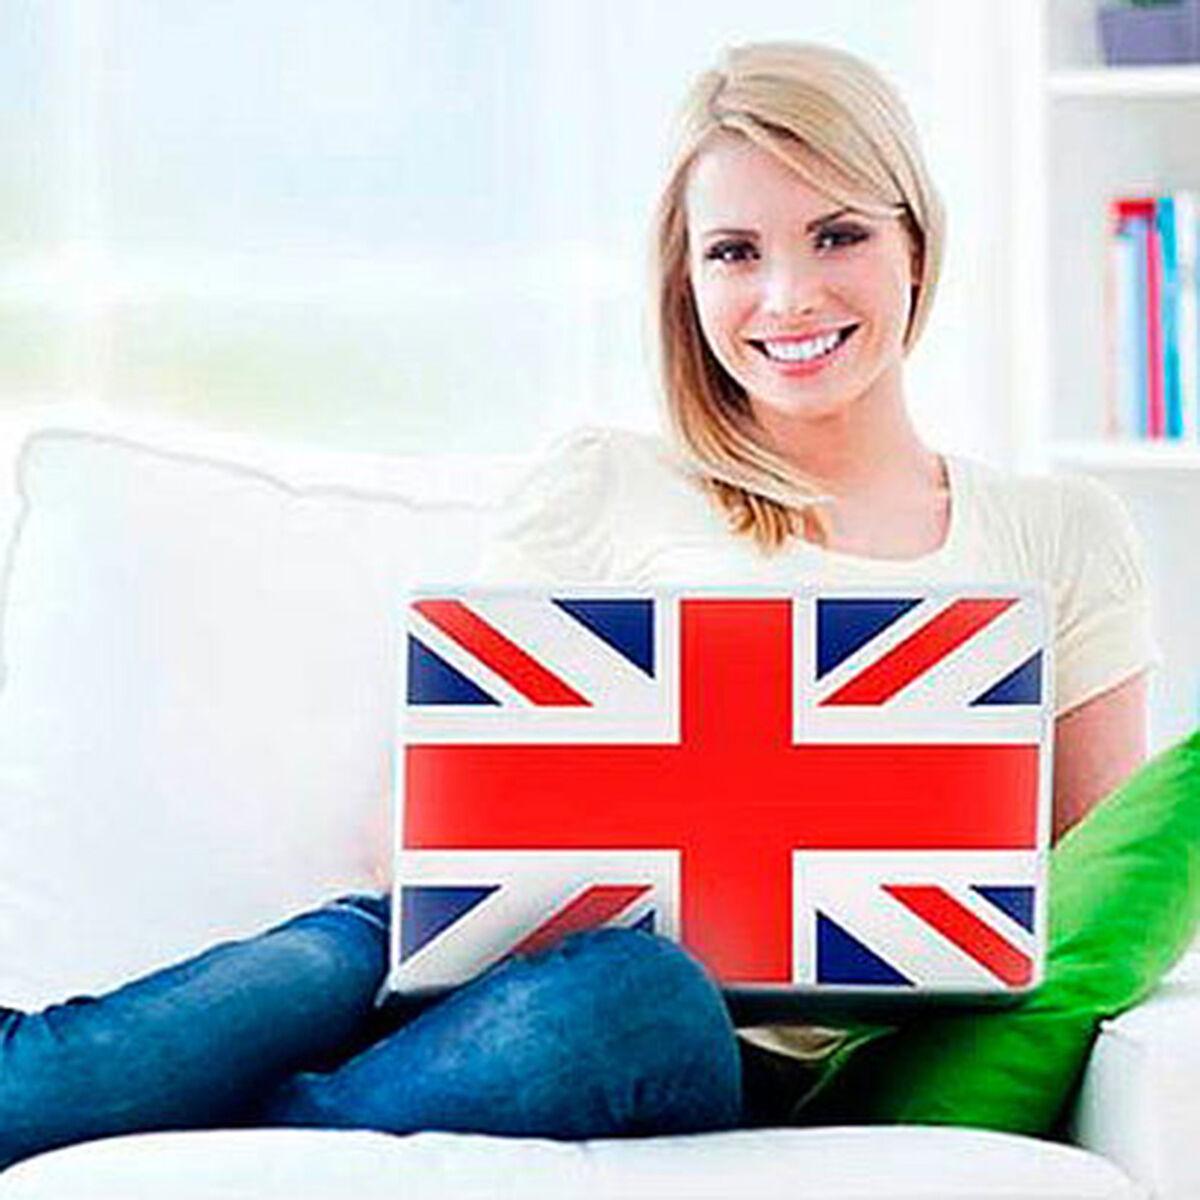 Curso online de inglés 6 meses con certificación internacional en British Language Center (BLC4U)